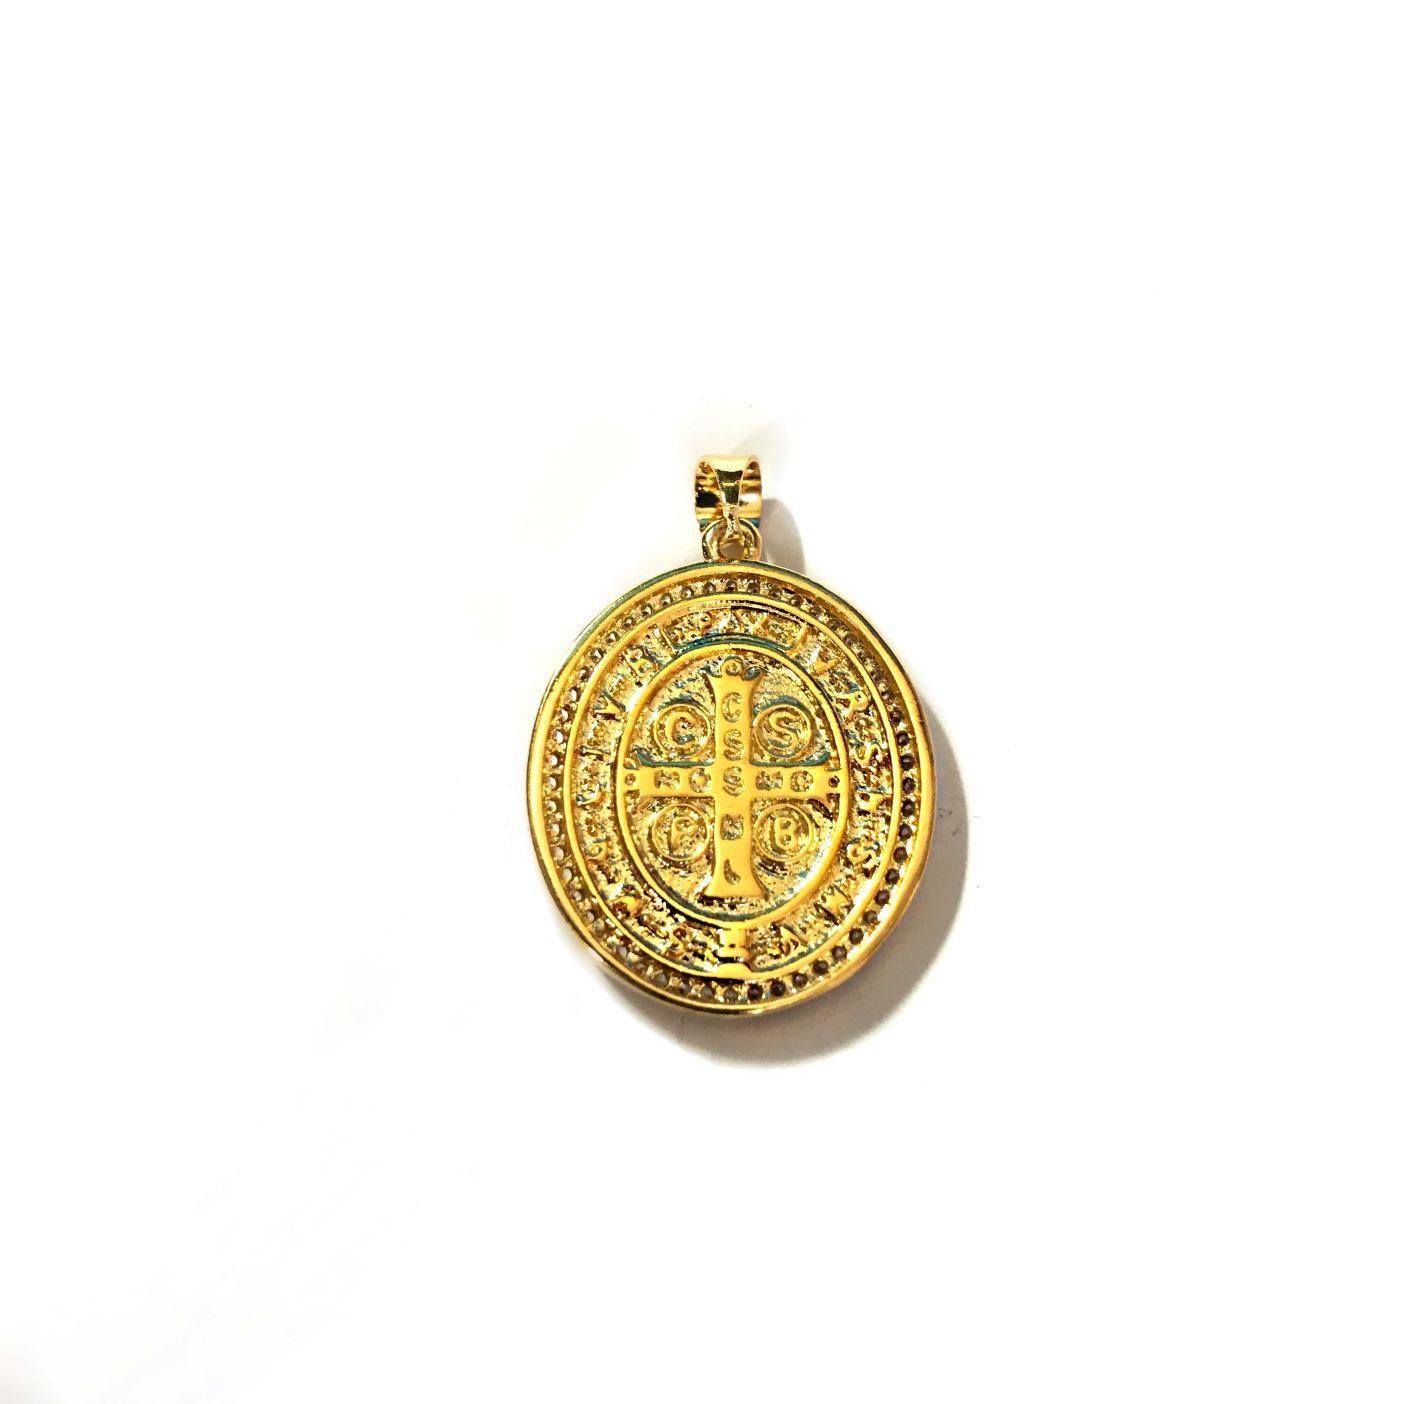 Pingente Medalha São bento Cravejada (Dupla face) 2,4cm X 2,0cm 6g